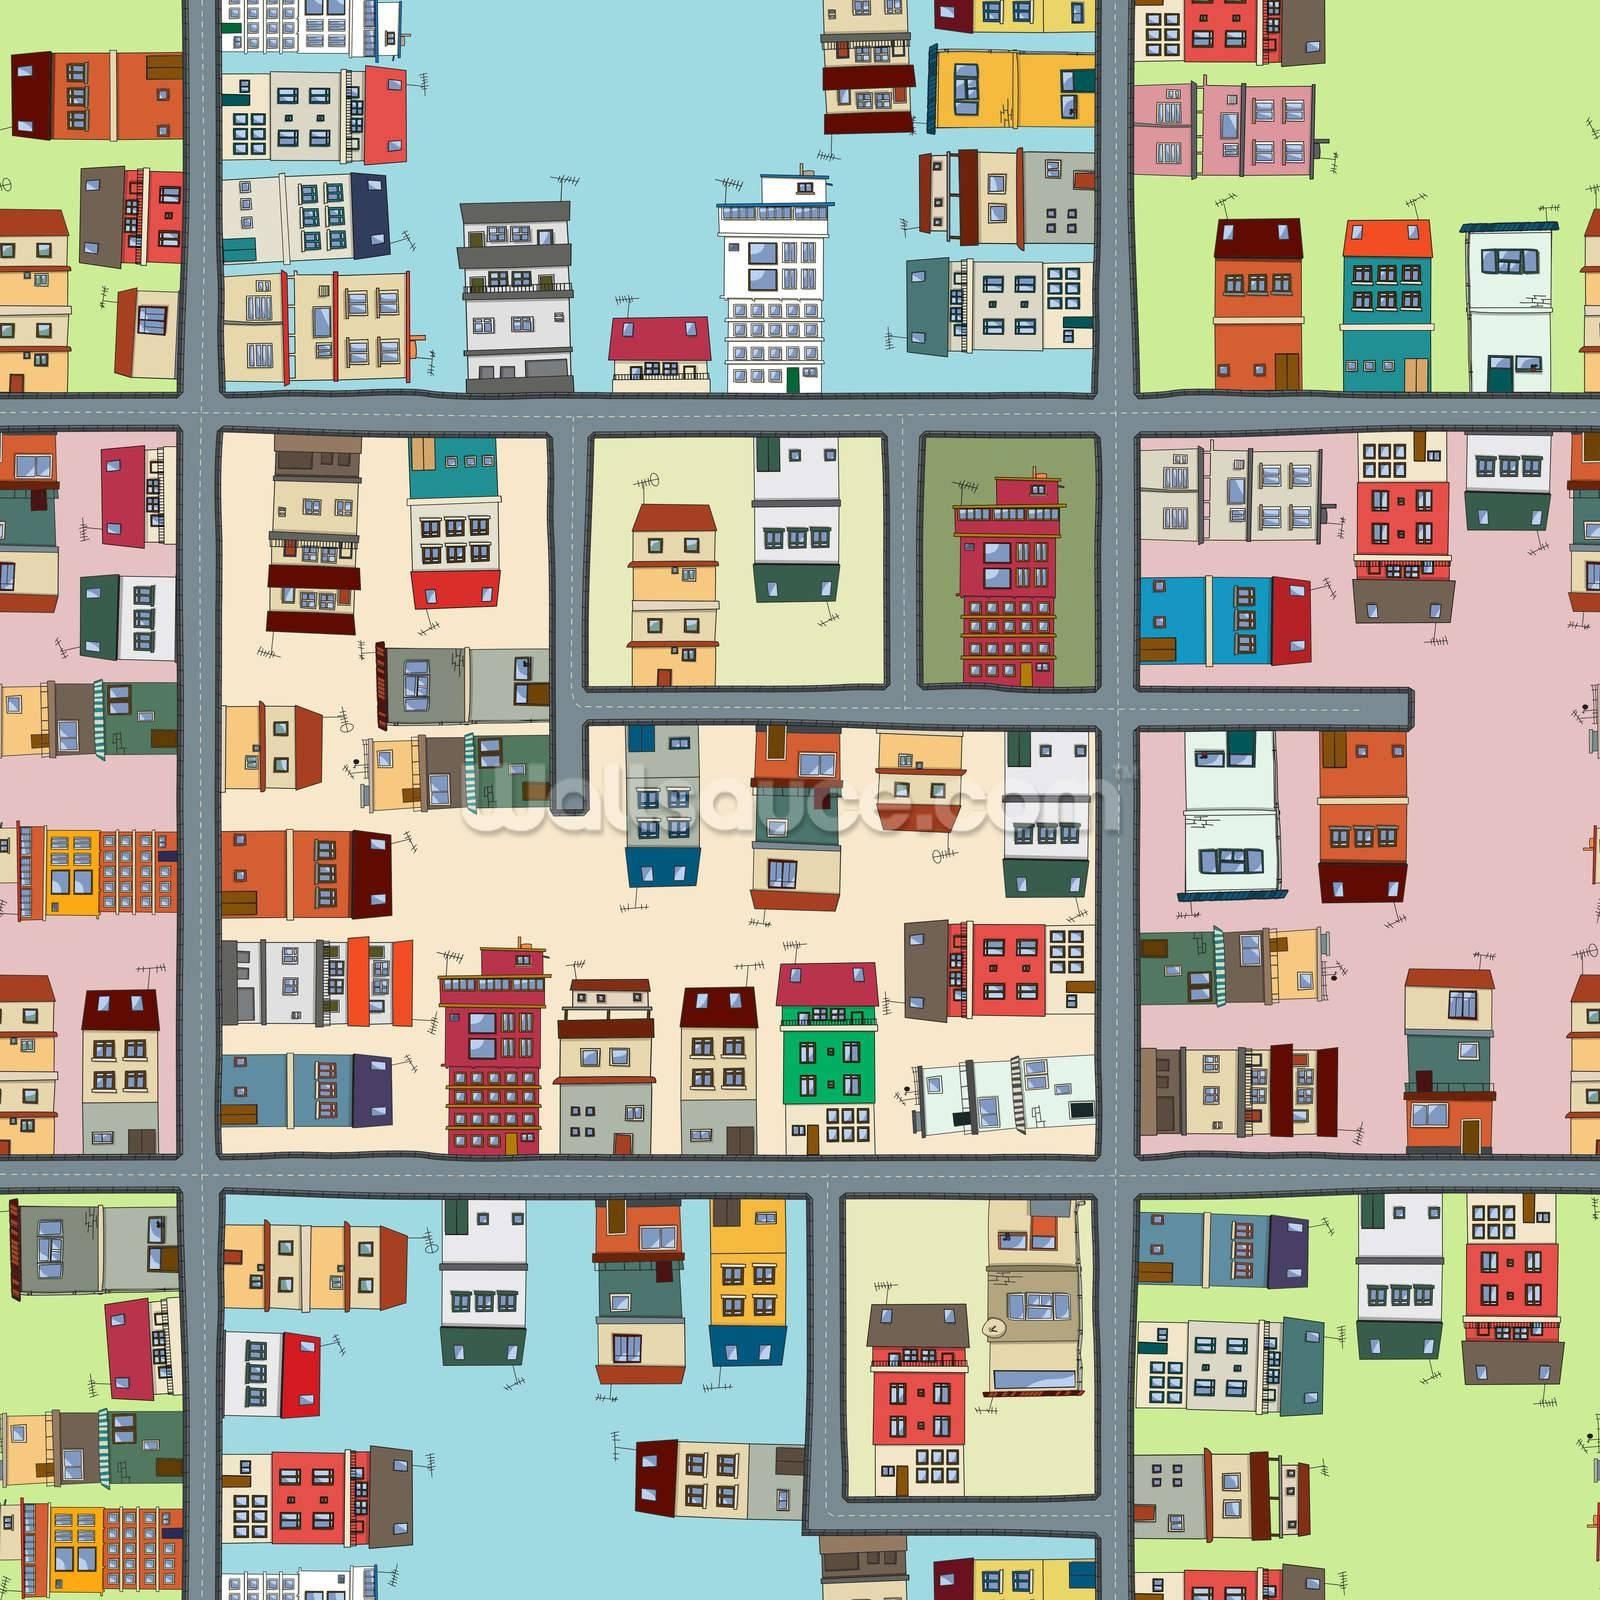 Cartoon Street Map Wallpaper Wall Mural | Wallsauce Usa With Regard To 2018 Street Map Wall Art (View 10 of 20)